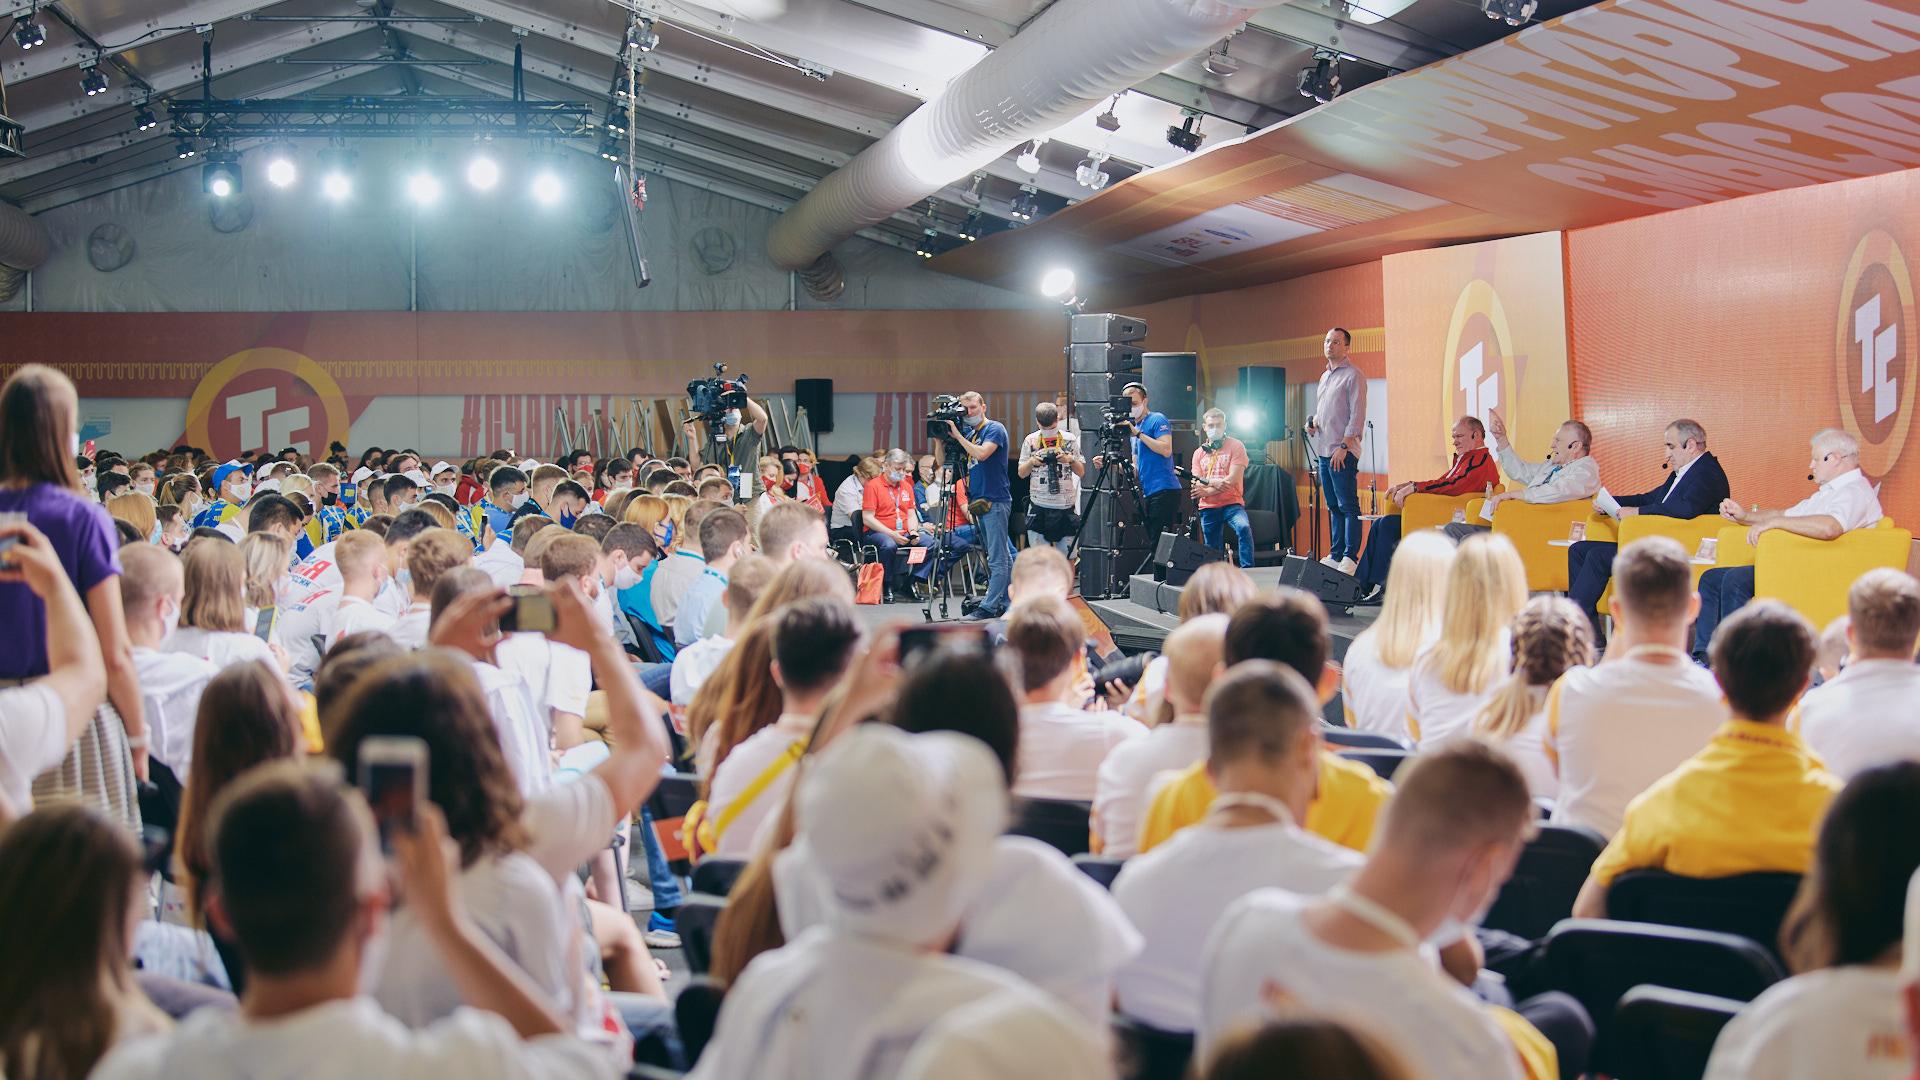 «Единая Россия» приняла участие во Всероссийском молодежном образовательном форуме «Территория смыслов». Фото: территориясмыслов.рф